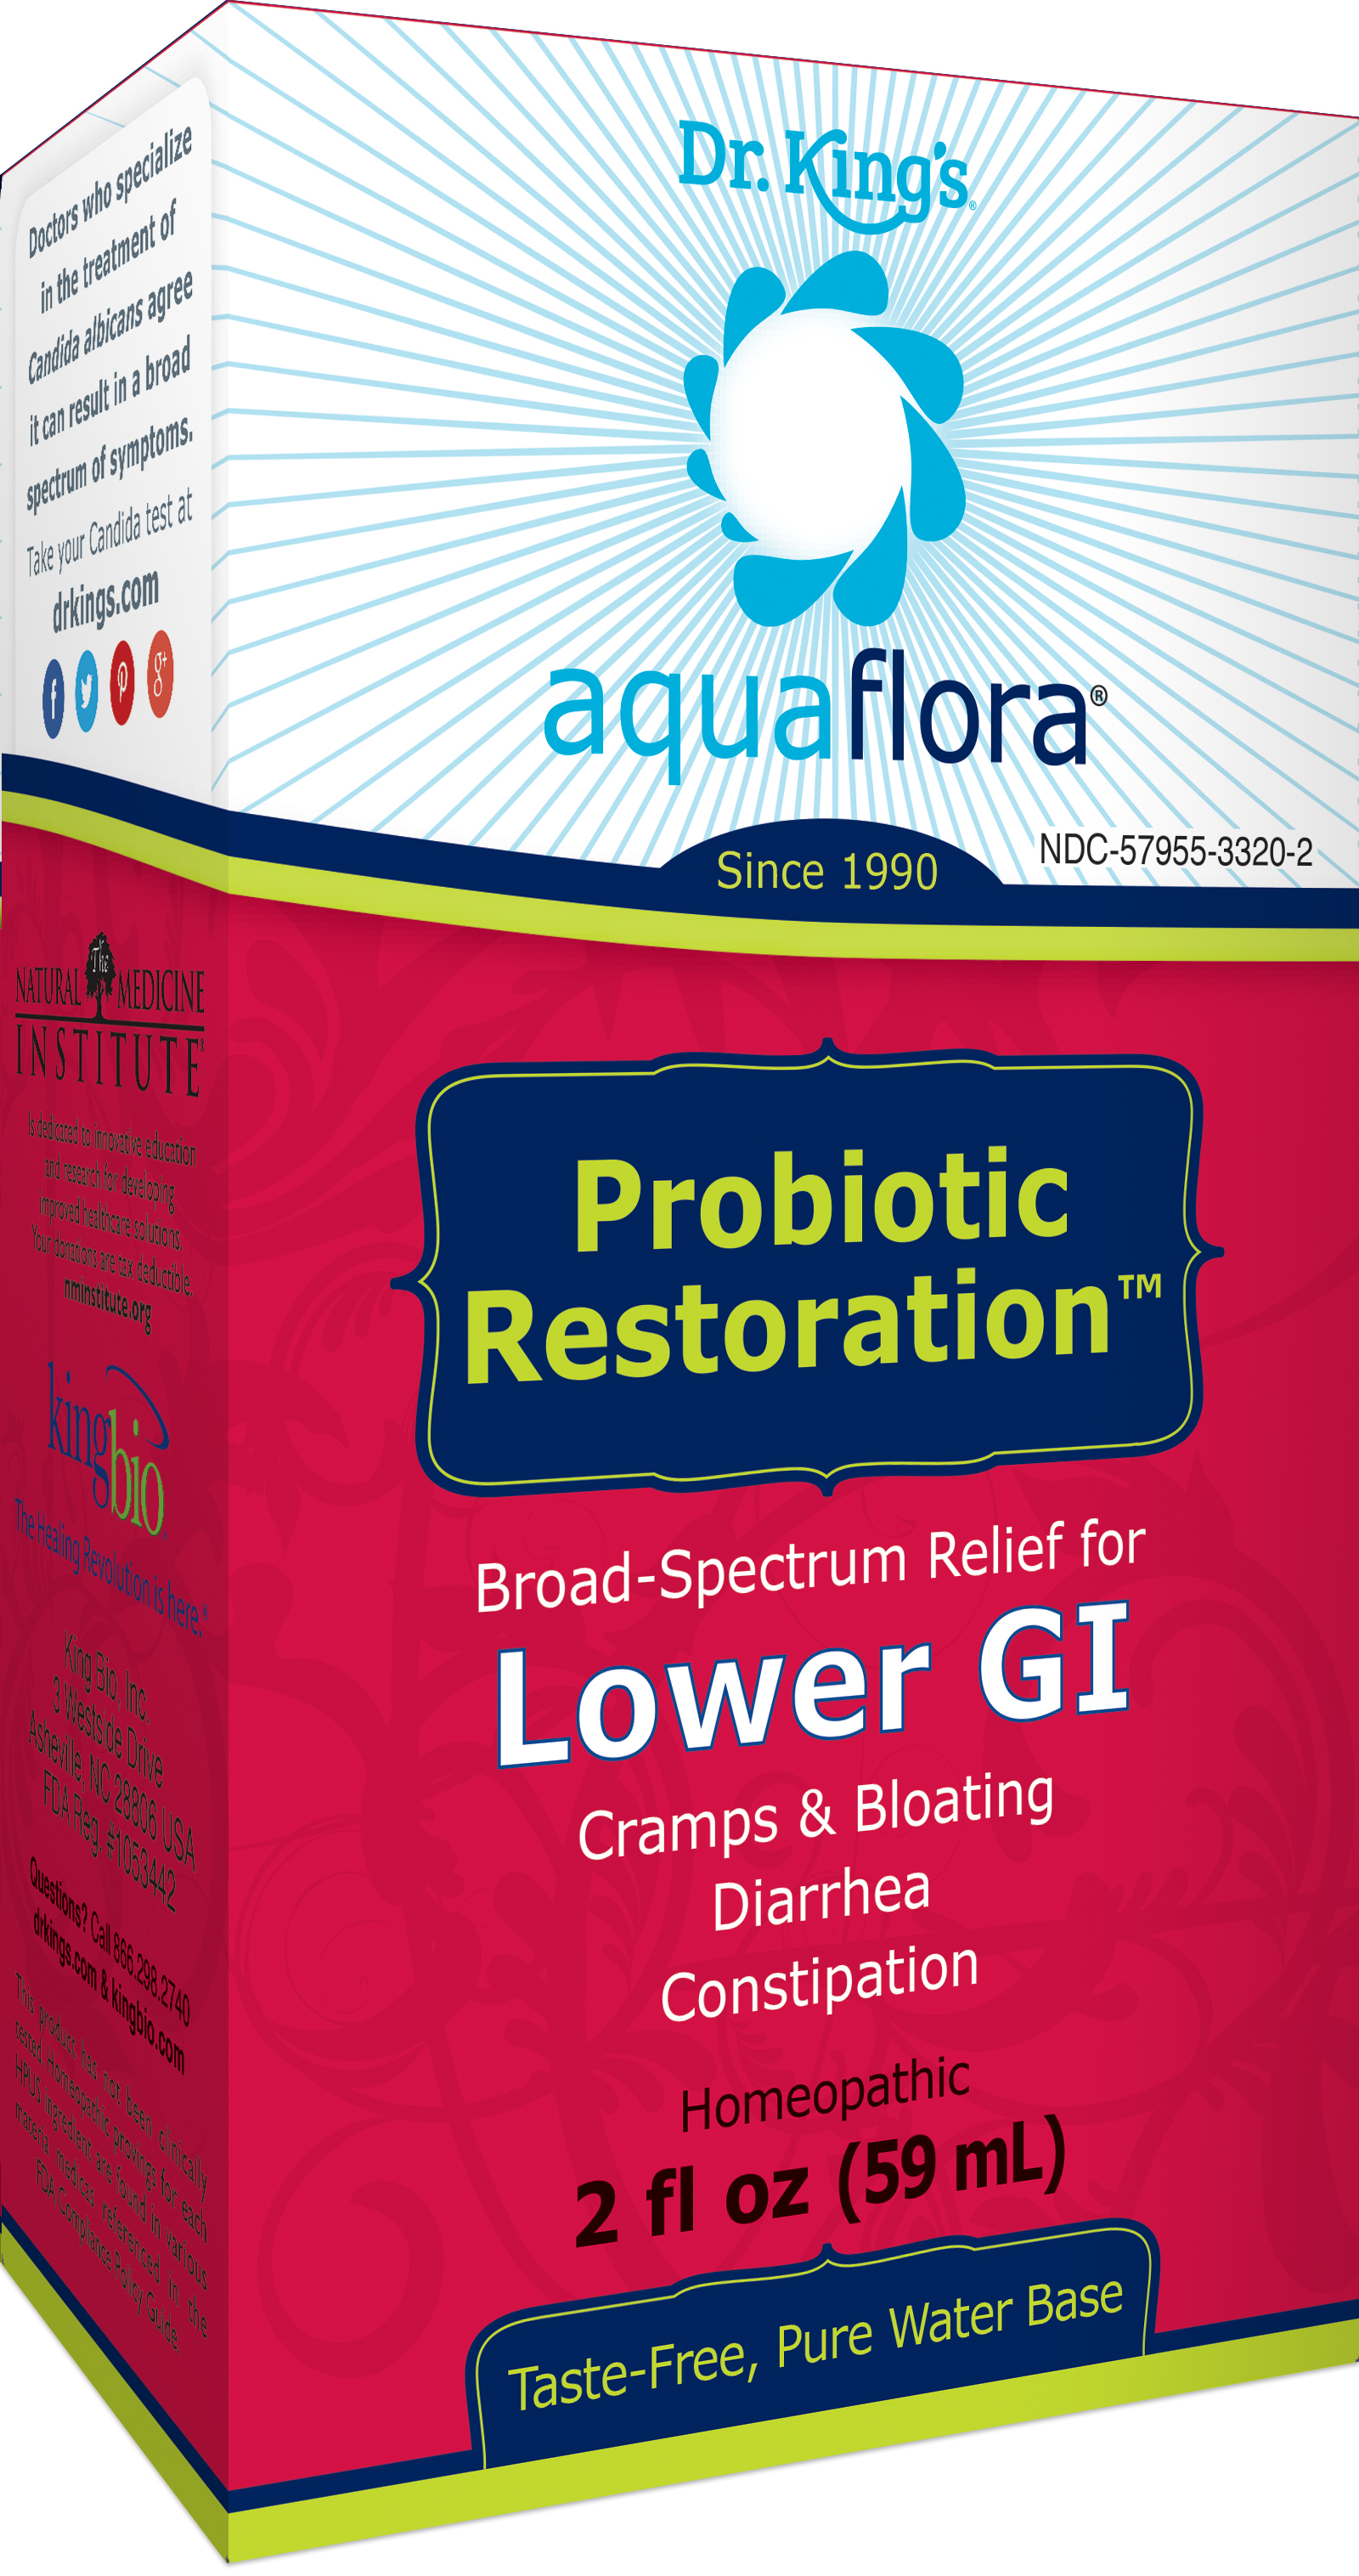 Probiotic Restoration - Dr. King's